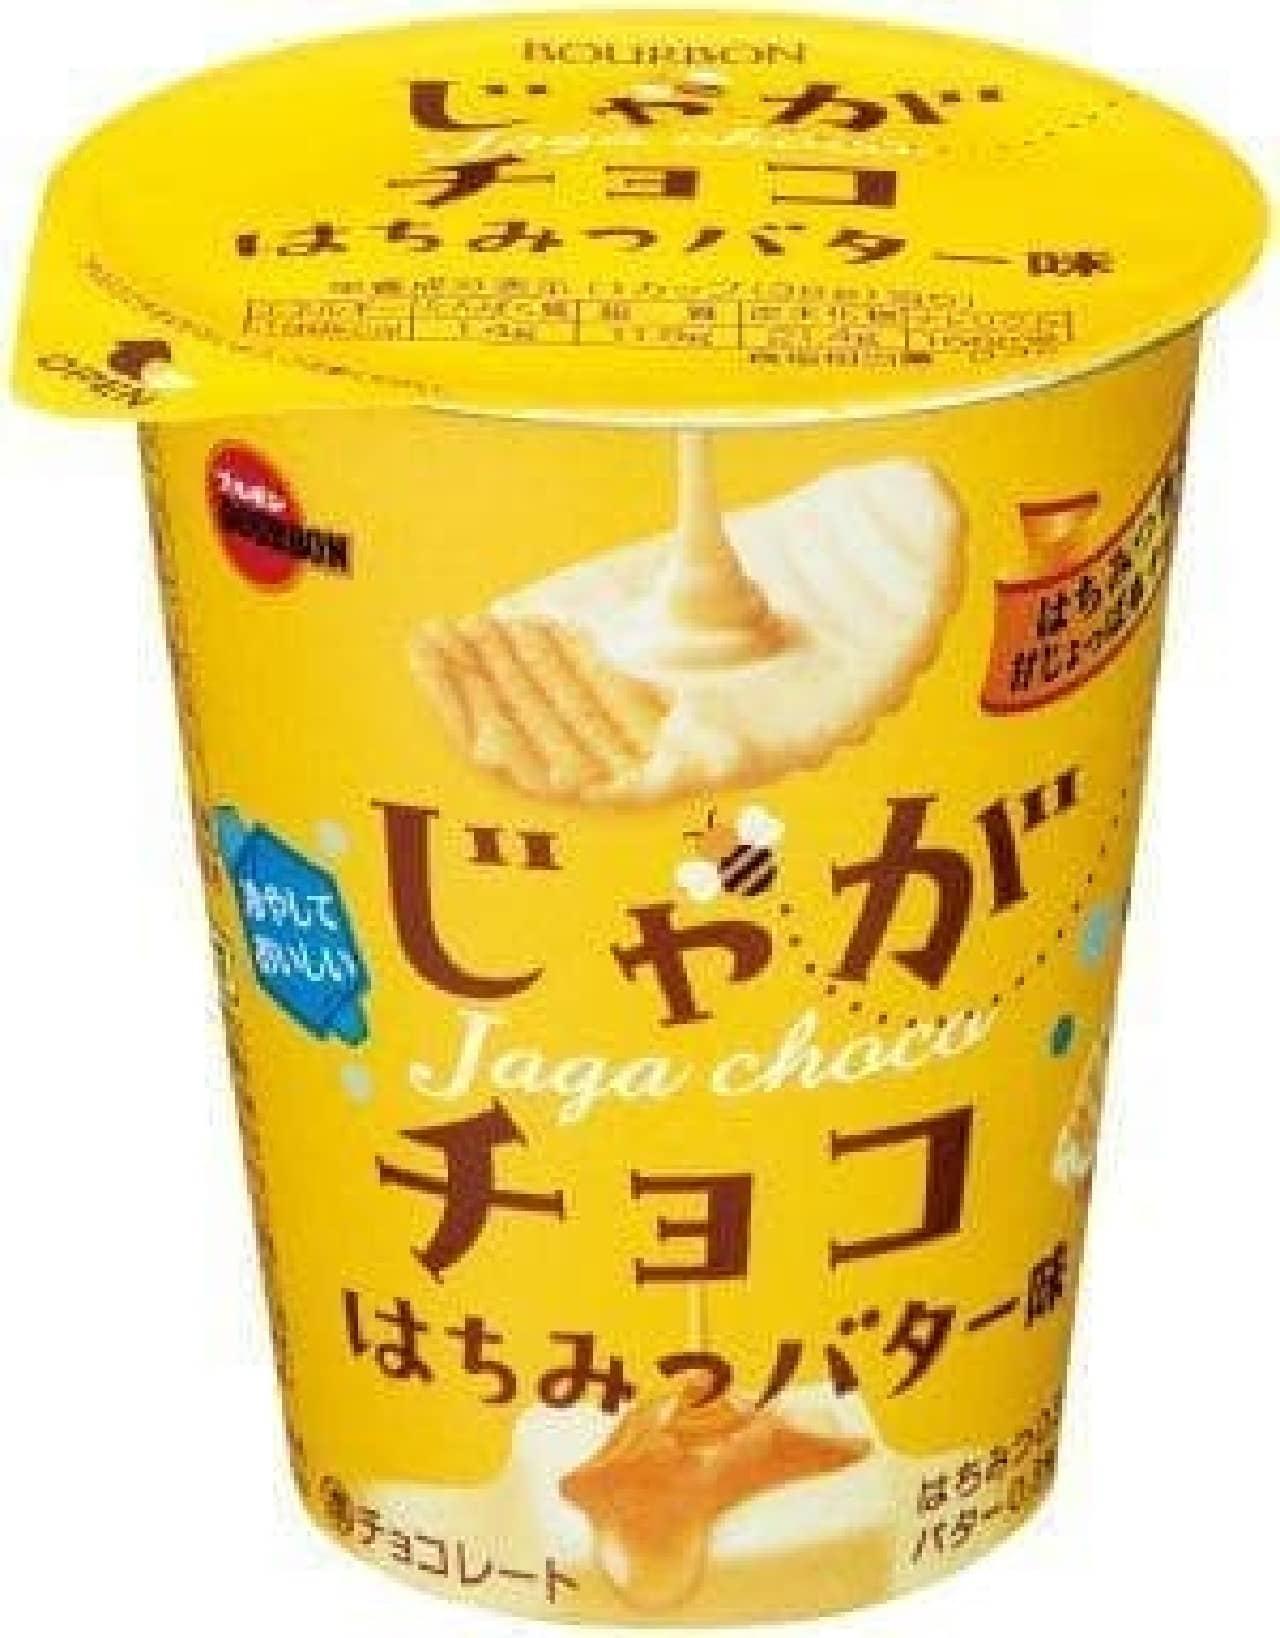 ブルボンじゃがチョコはちみつバター味(冷やしておいしい)